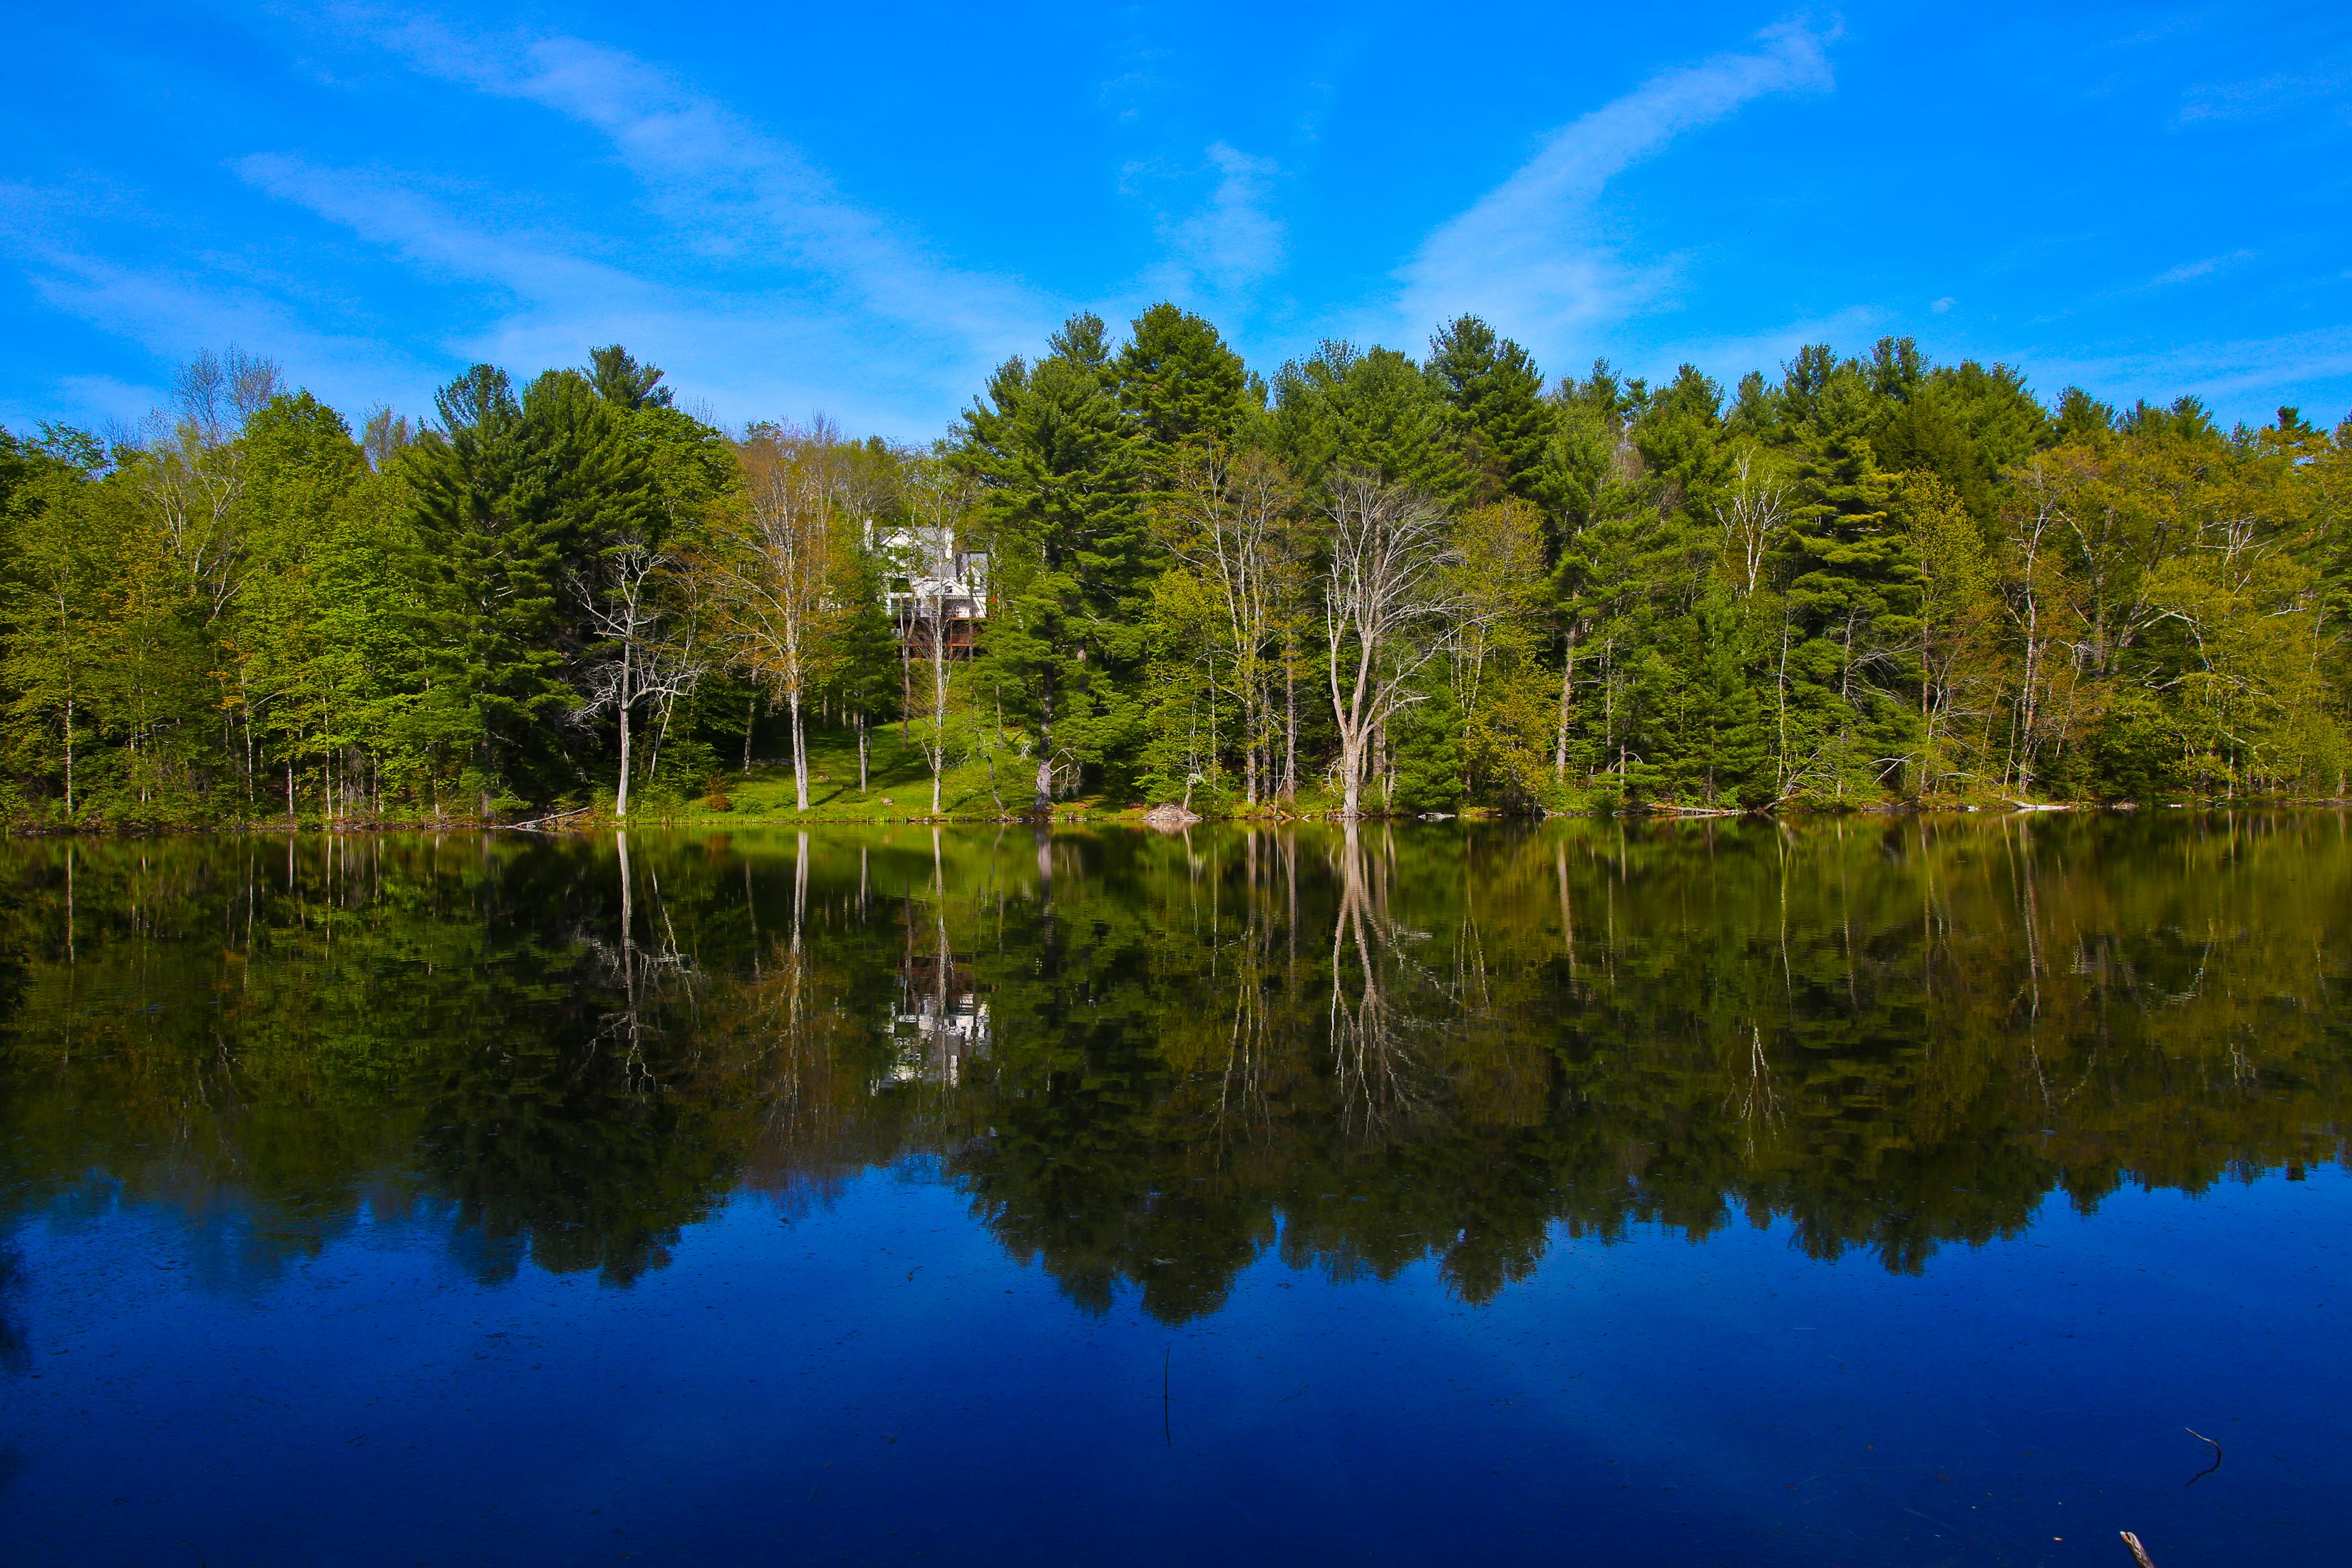 Casa Unifamiliar por un Venta en 47 Acre Country Oasis with 3 Acre Pond, Pool & Hiking & XC Ski Trails 238 Rossiter Rd Richmond, Massachusetts 01254 Estados Unidos